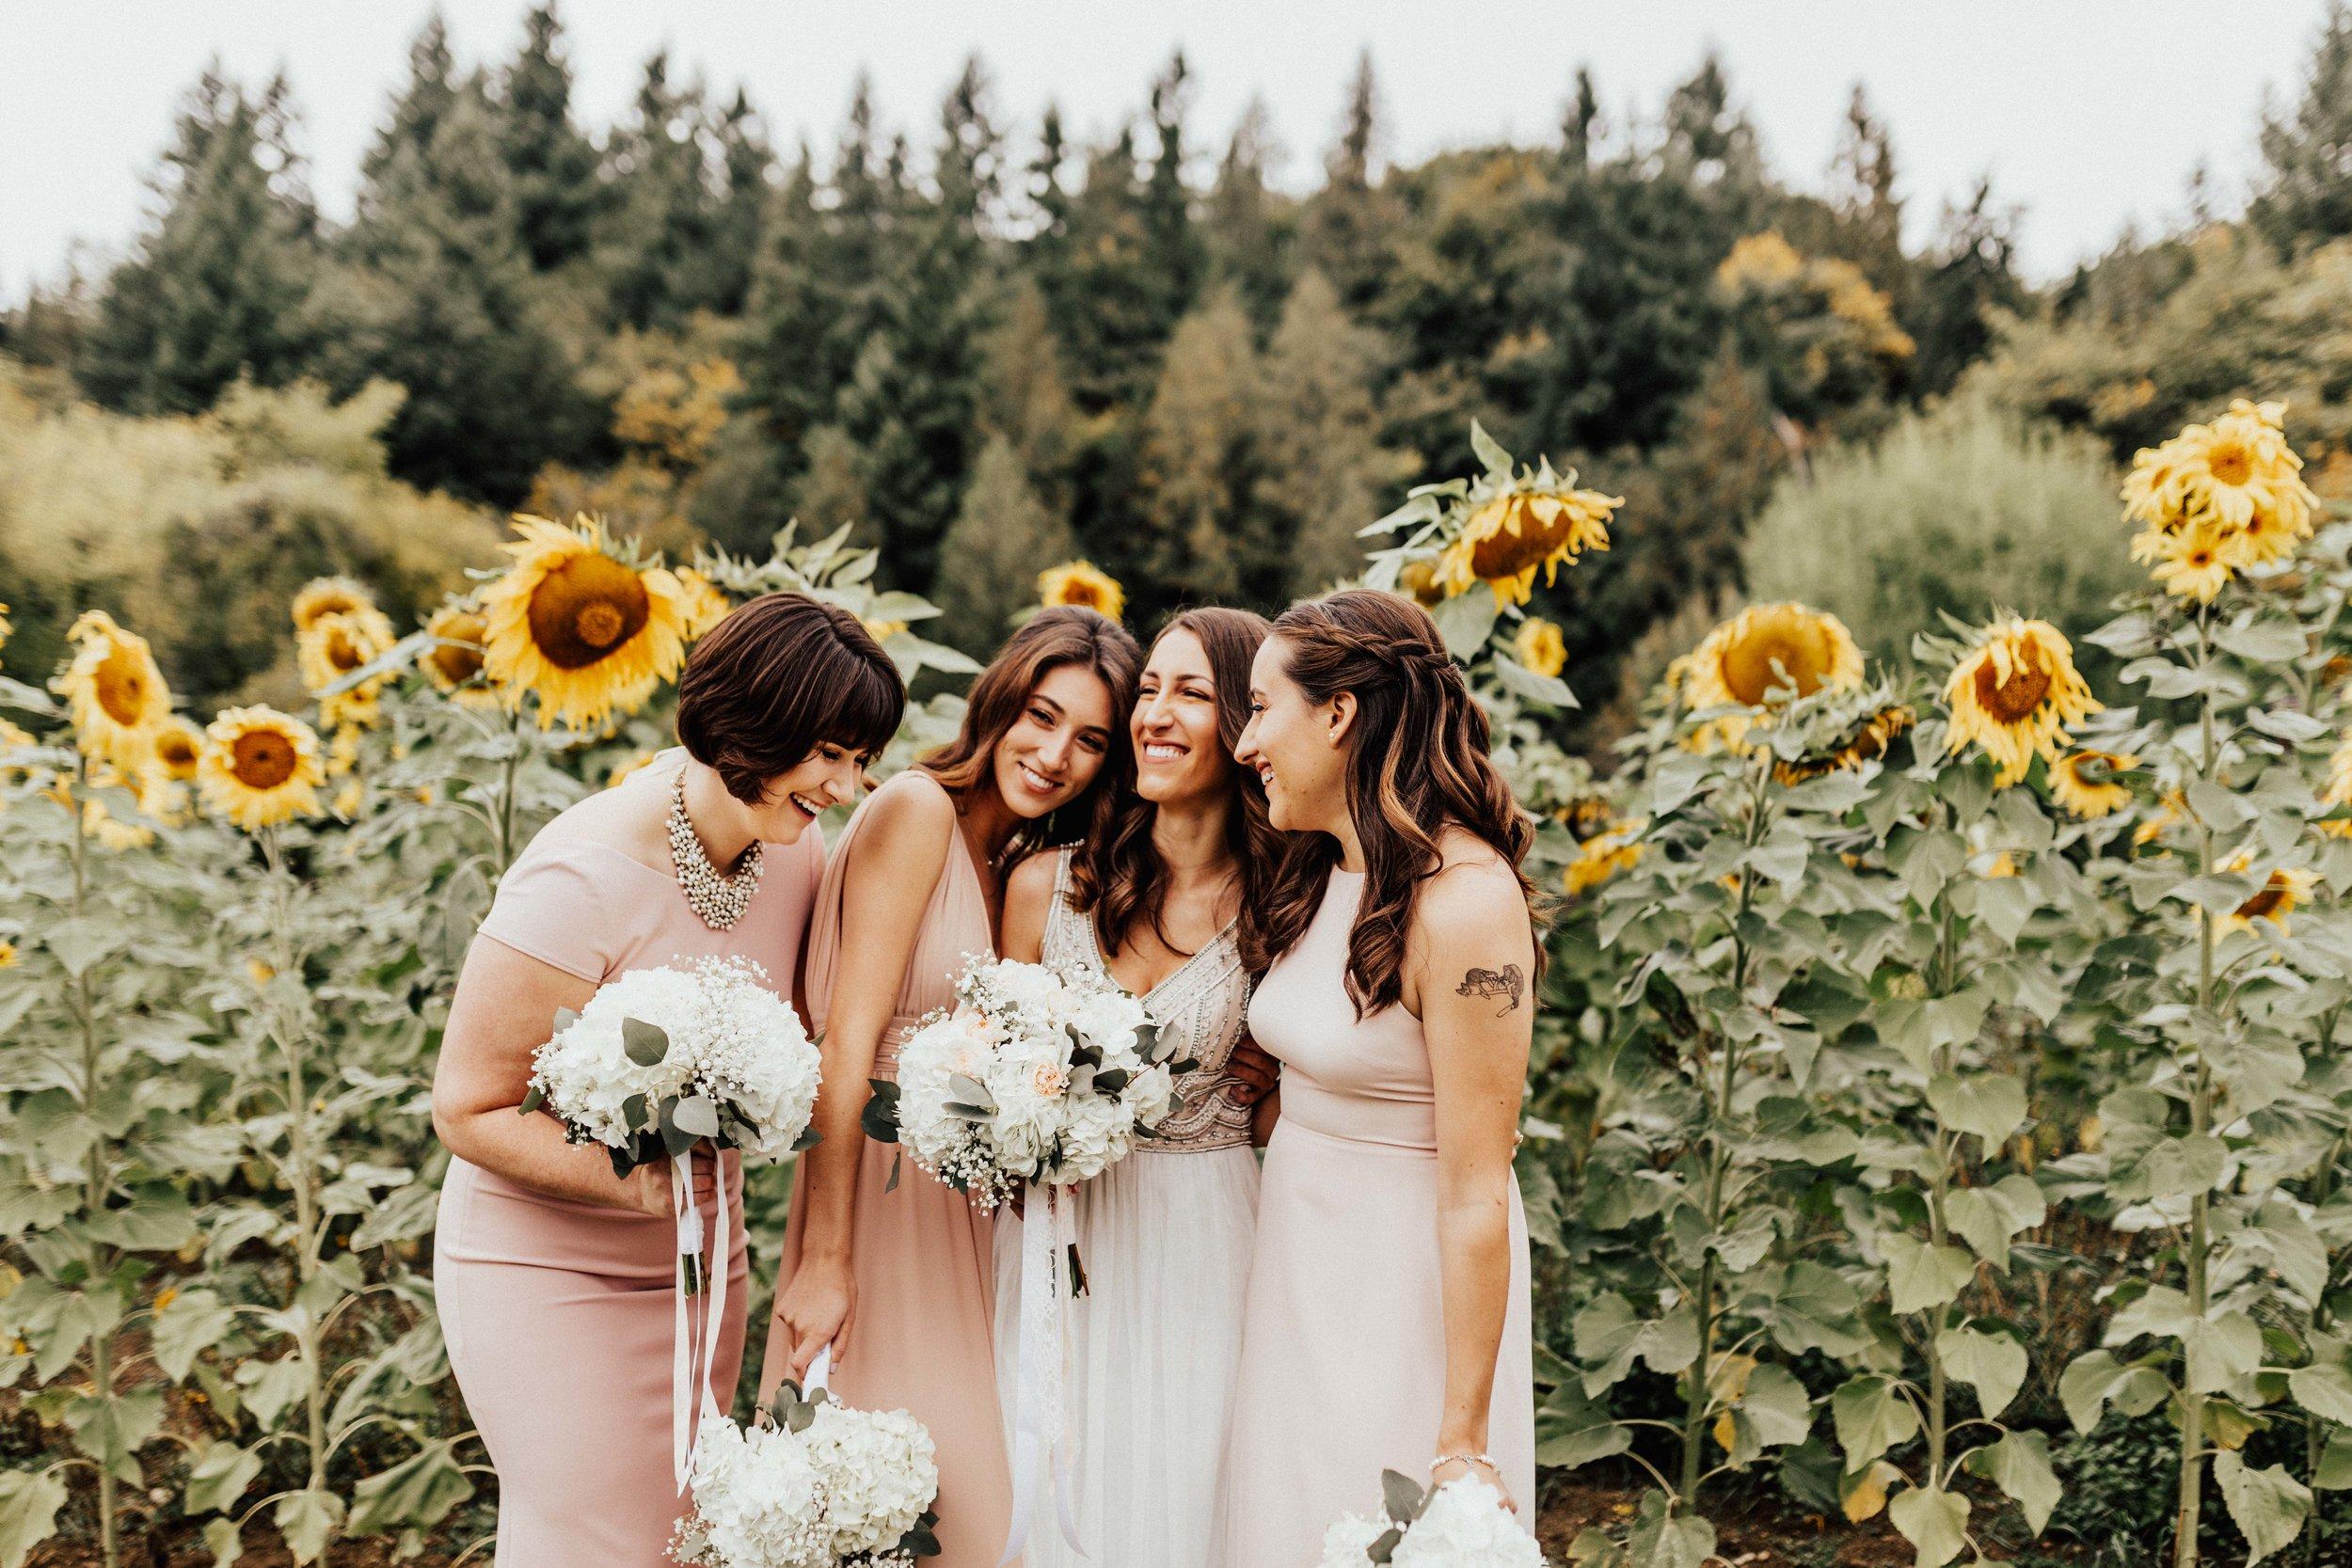 seattlewedding_auburn_wedding_parker&sabrina-10.jpg